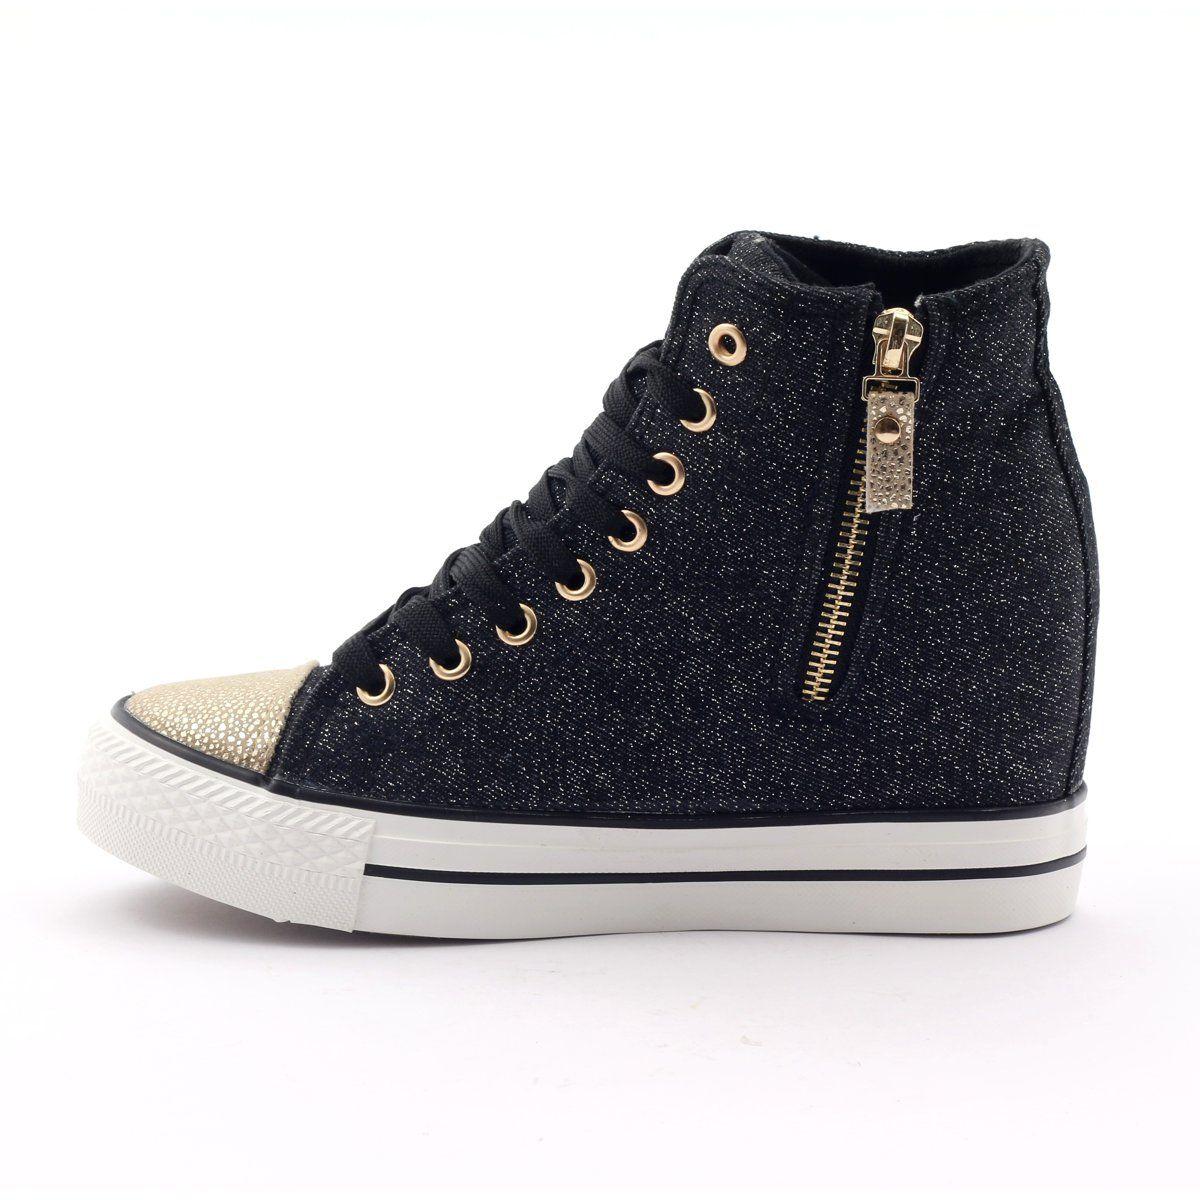 Mcarthur Sneakers Sneakers Black Yellow Sneakers Black Women Shoes Sneakers